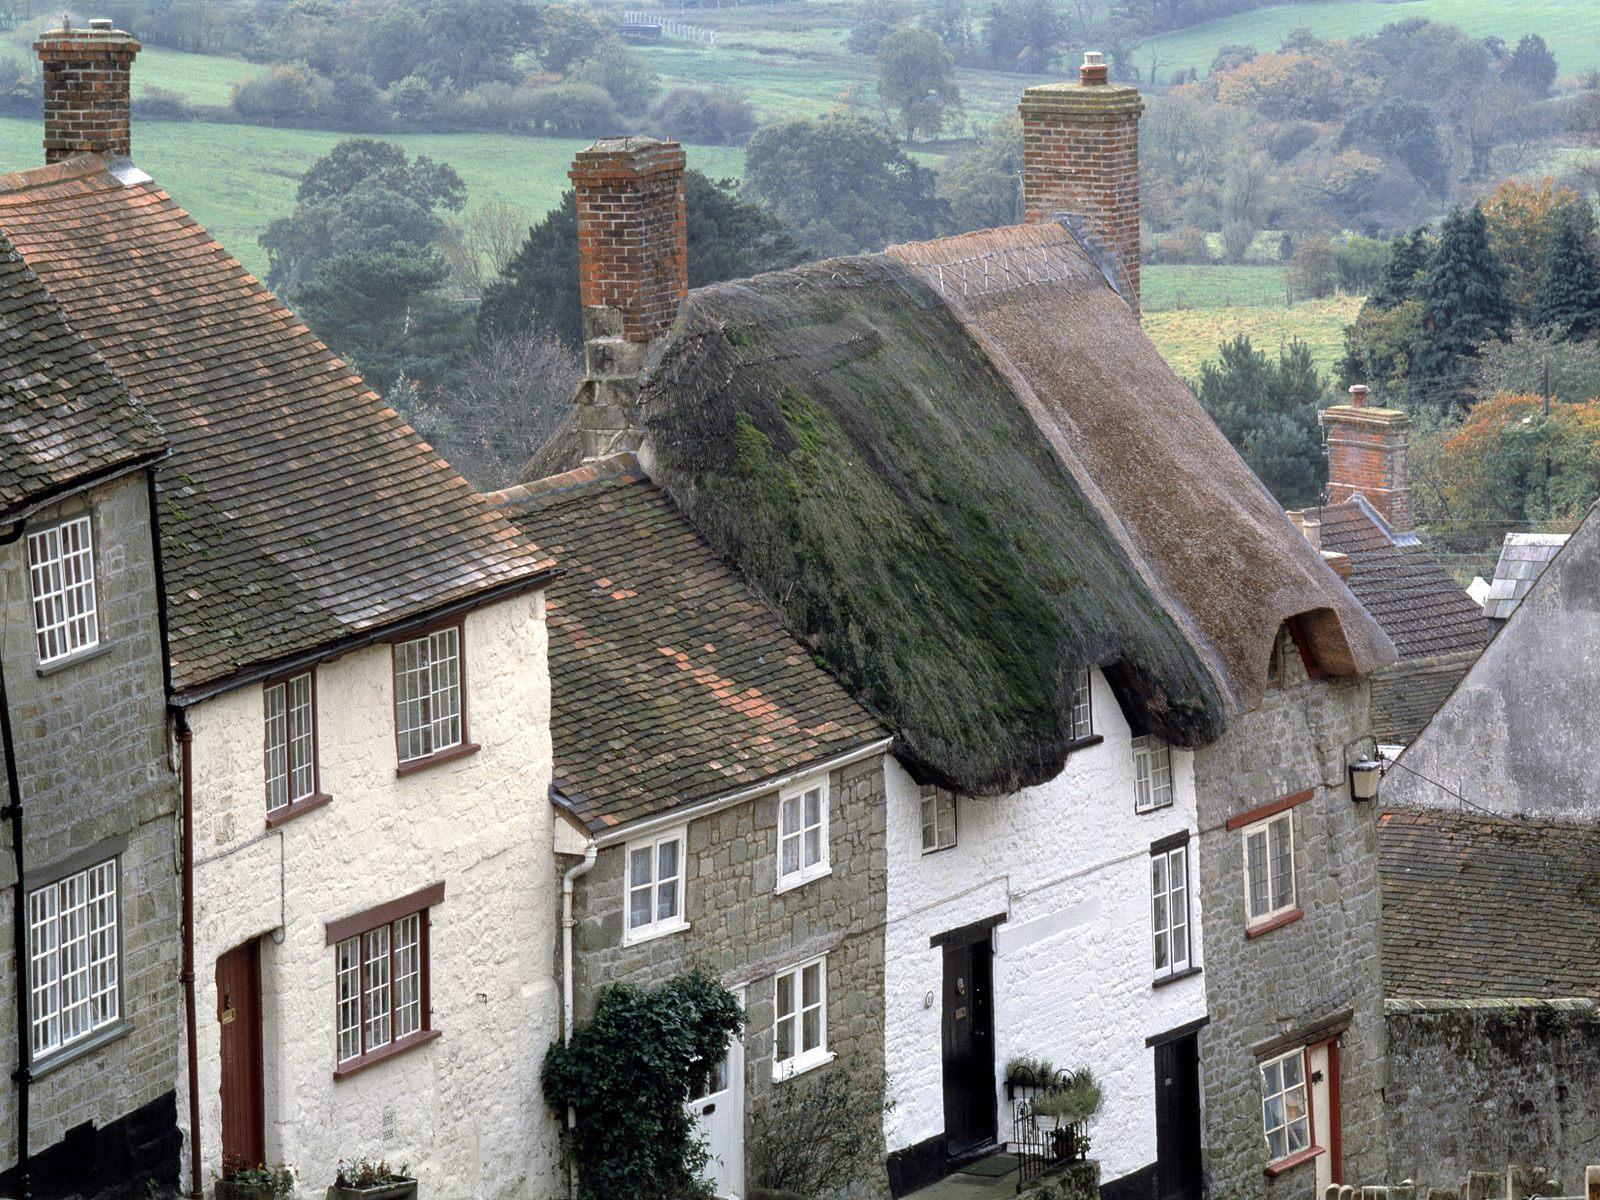 シャフツベリー(イギリス) 壁紙 - Shaftsbury, Dorset, UK WALLPAPER